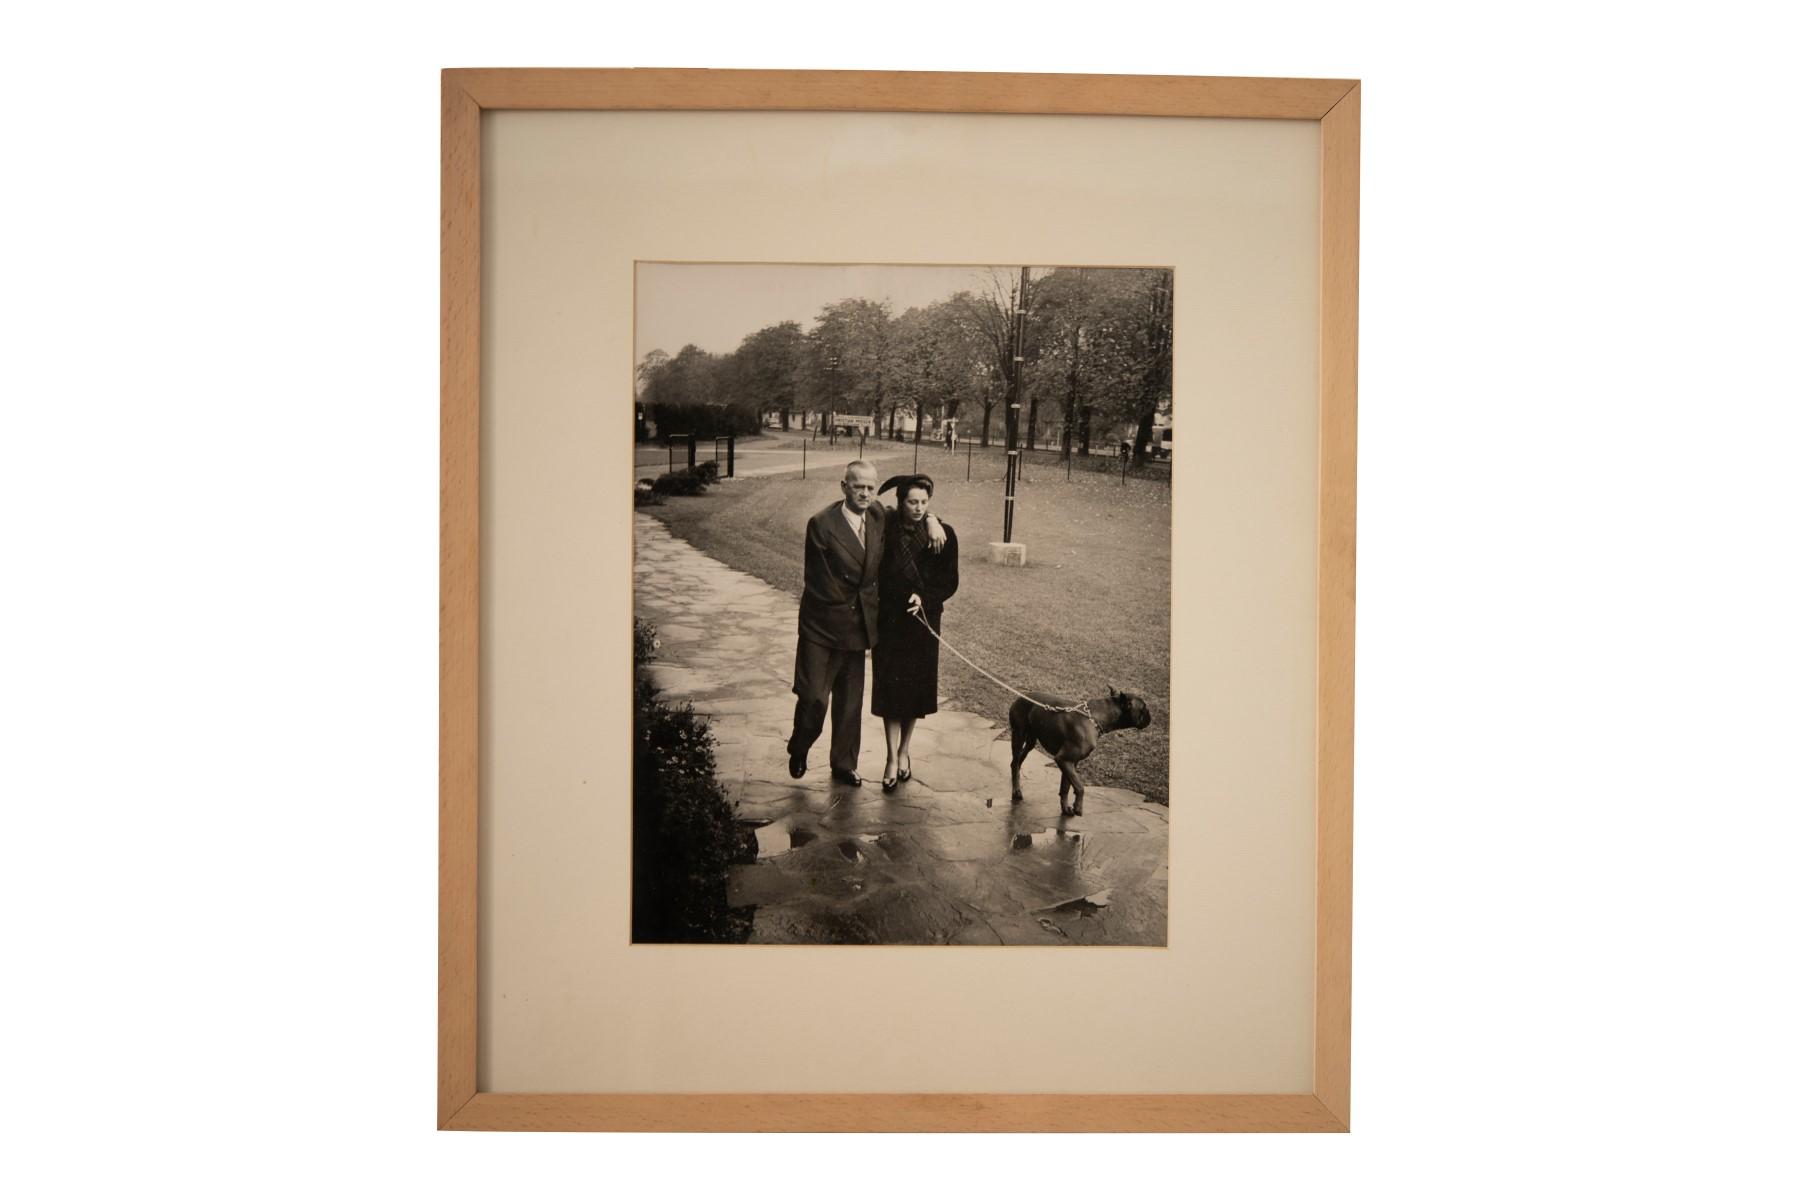 #108 Erich Lessing (1923-2018), Schumacher und Annemarie Renger, 1951   Erich Lessing* (1923-2018), Schumacher und Annemarie Renger, 1951 Image